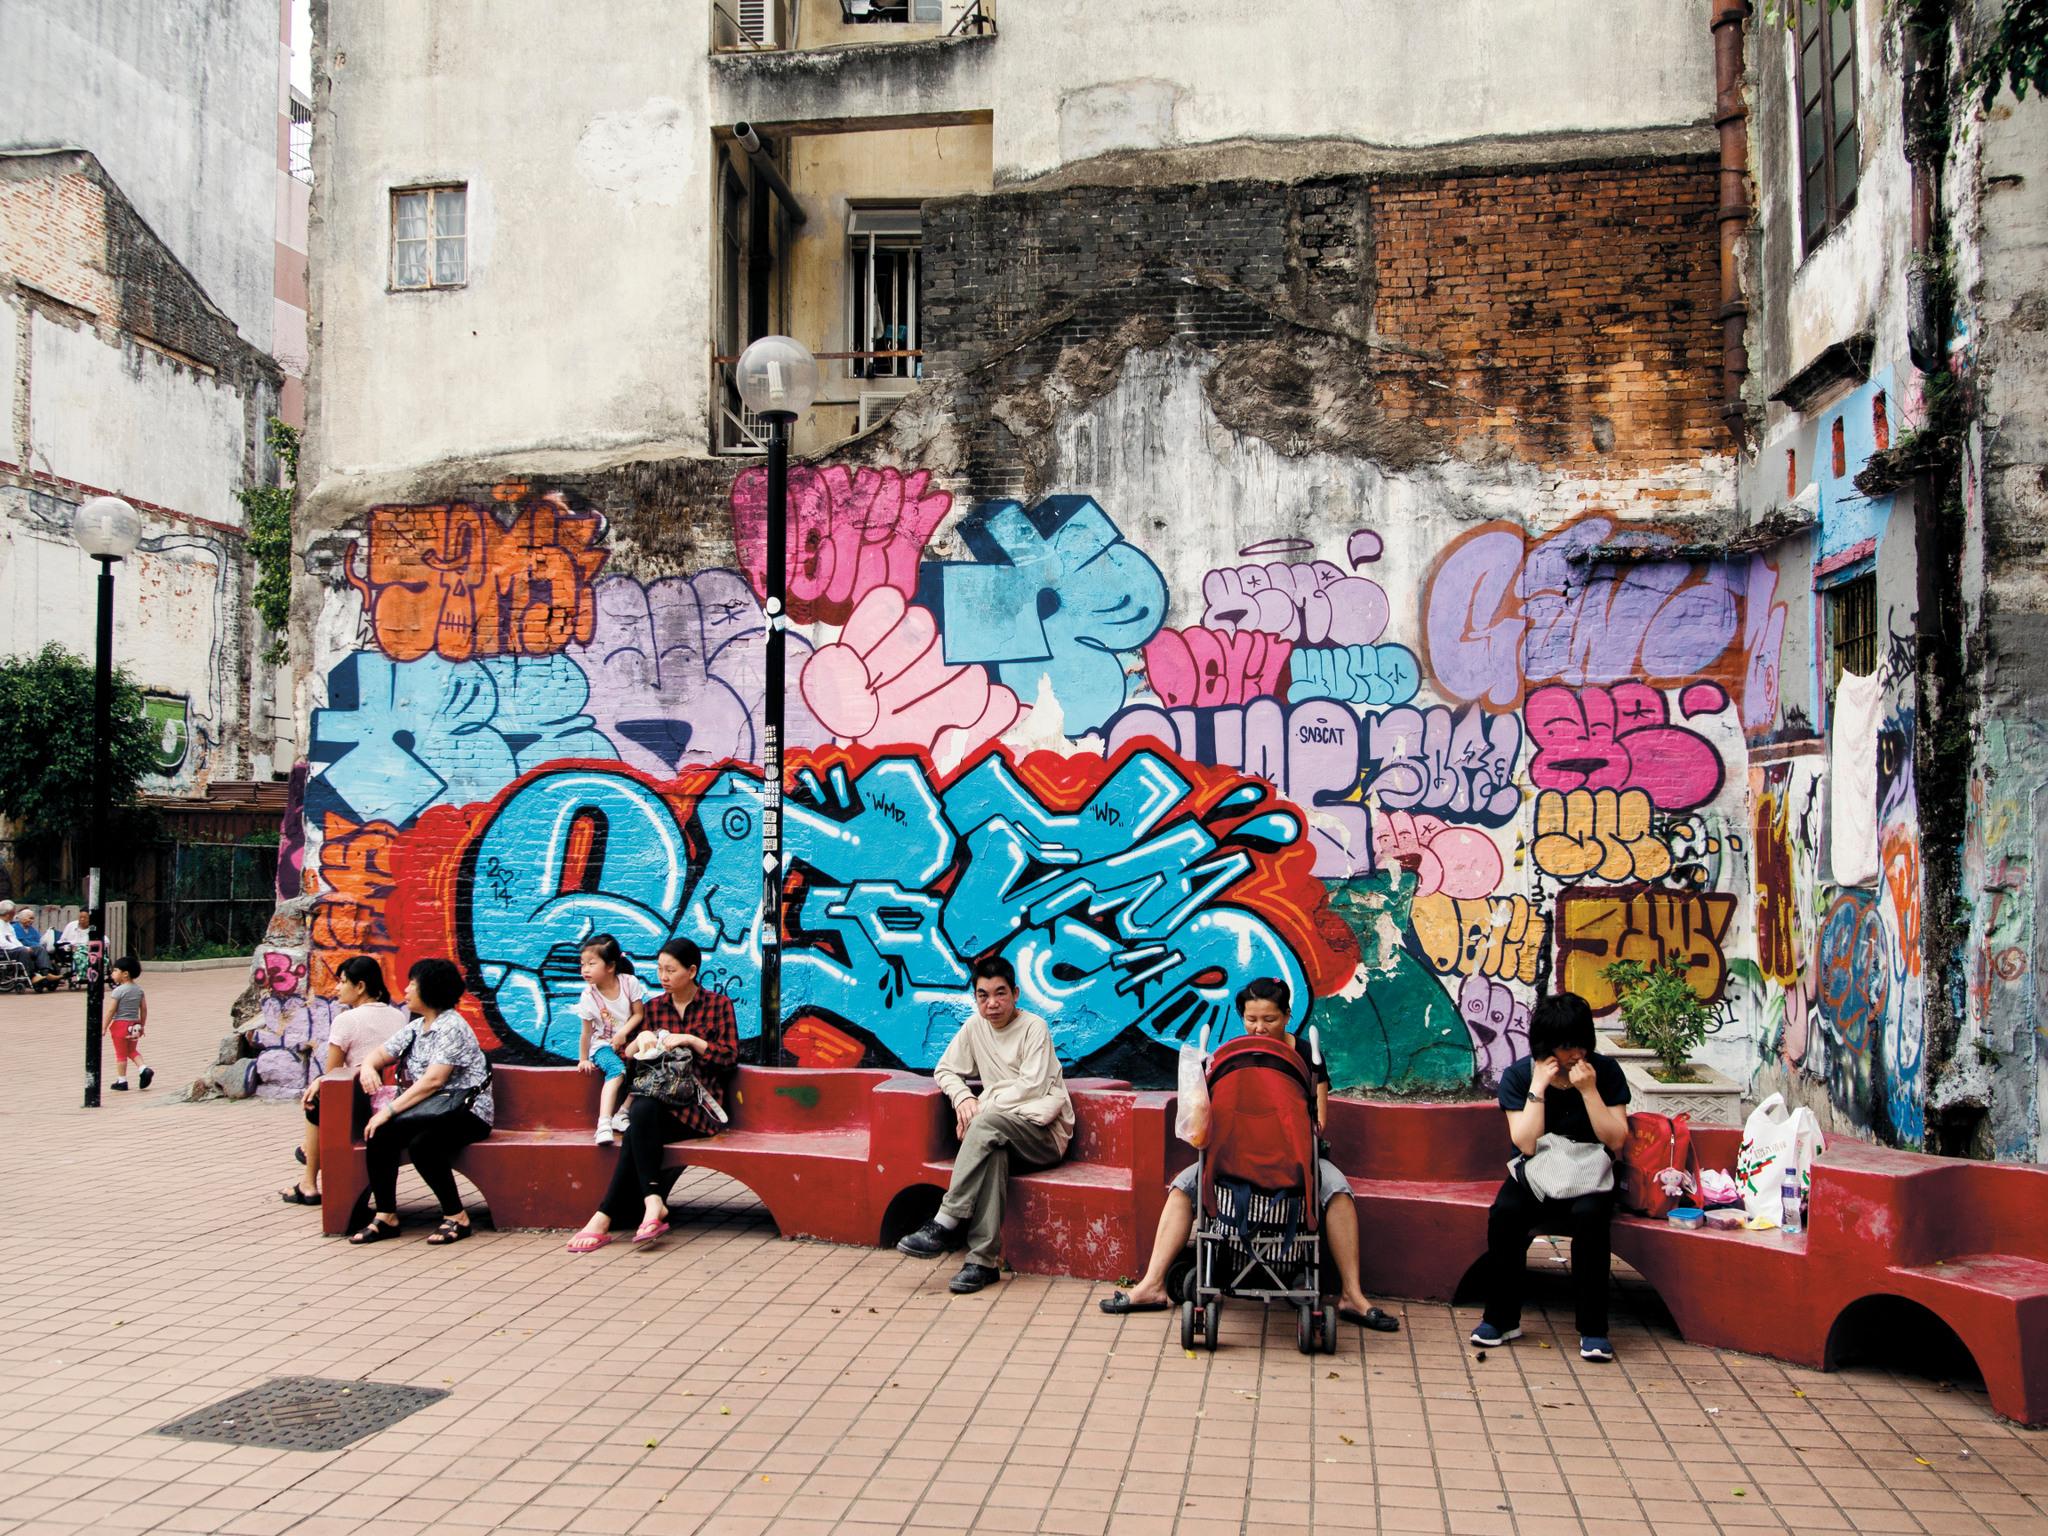 Sen lisäksi, että Egs maalaa teoksiinsa maailmankarttoja, hän on maalannut nimensä maailmankartalle. Hänen graffitejaan on ja on ollut näkyvillä kymmenissä maissa. Oheinen kuva on otettu vuonna 2014 Macaossa, Kiinan erityishallintoalueella. Lisää Egsin ajatuksia kartoista ja niiden merkityksellisyydestä täällä.